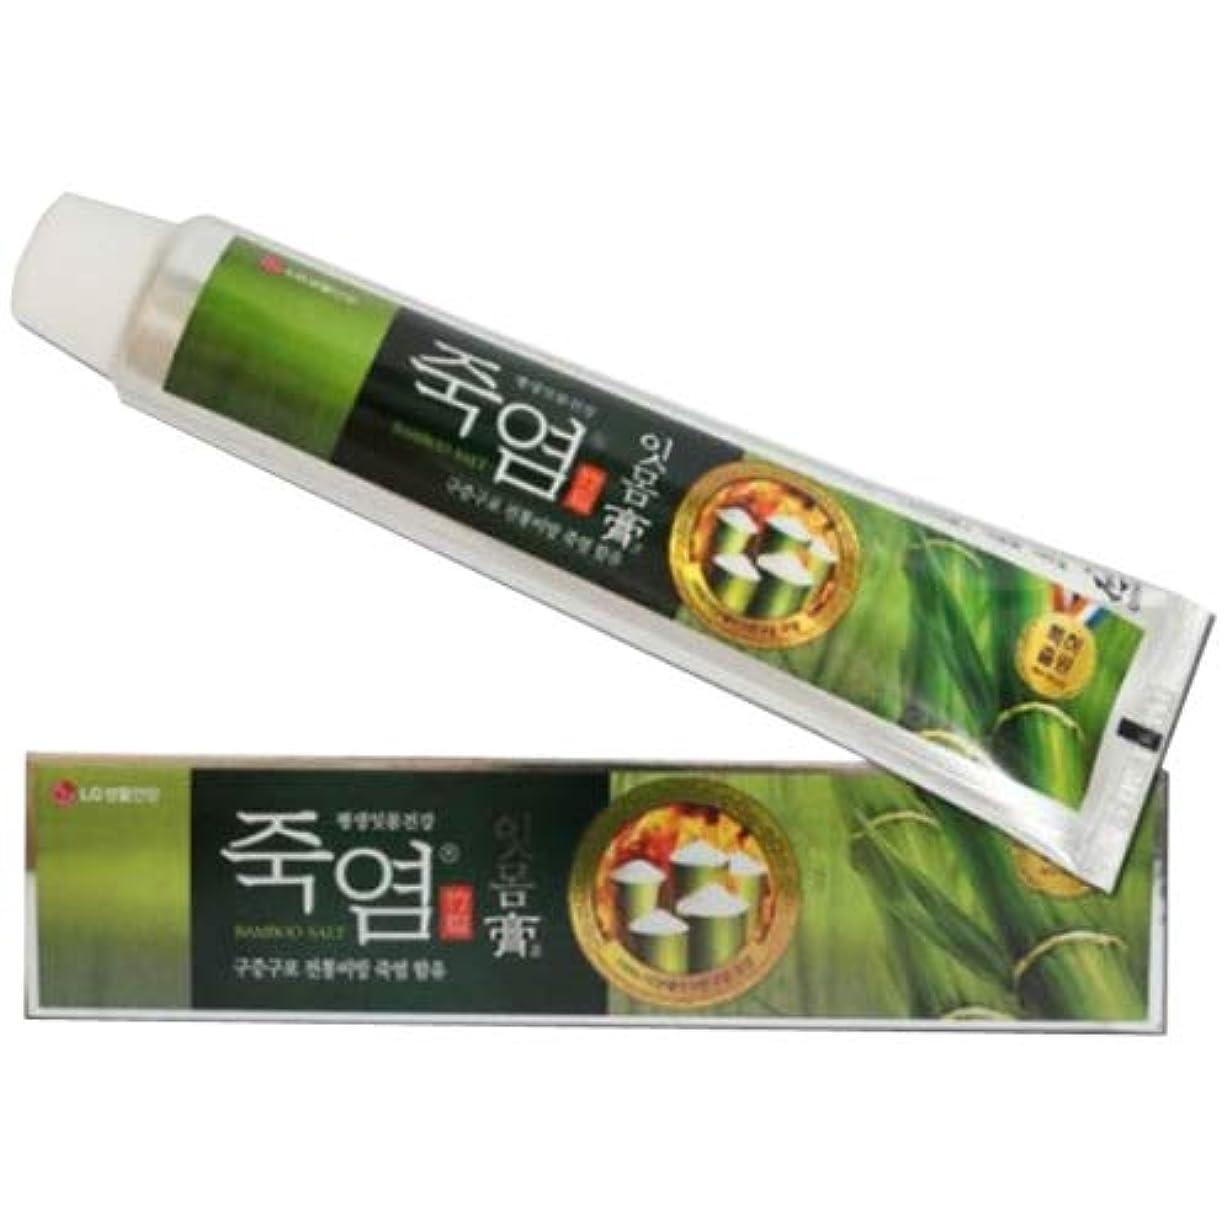 無効にする迫害歩道[LG Care/LG生活健康]竹塩歯磨き粉つぶれて歯茎を健康に120g x1EA 歯磨きセットスペシャル?リミテッドToothpaste Set Special Limited Korea